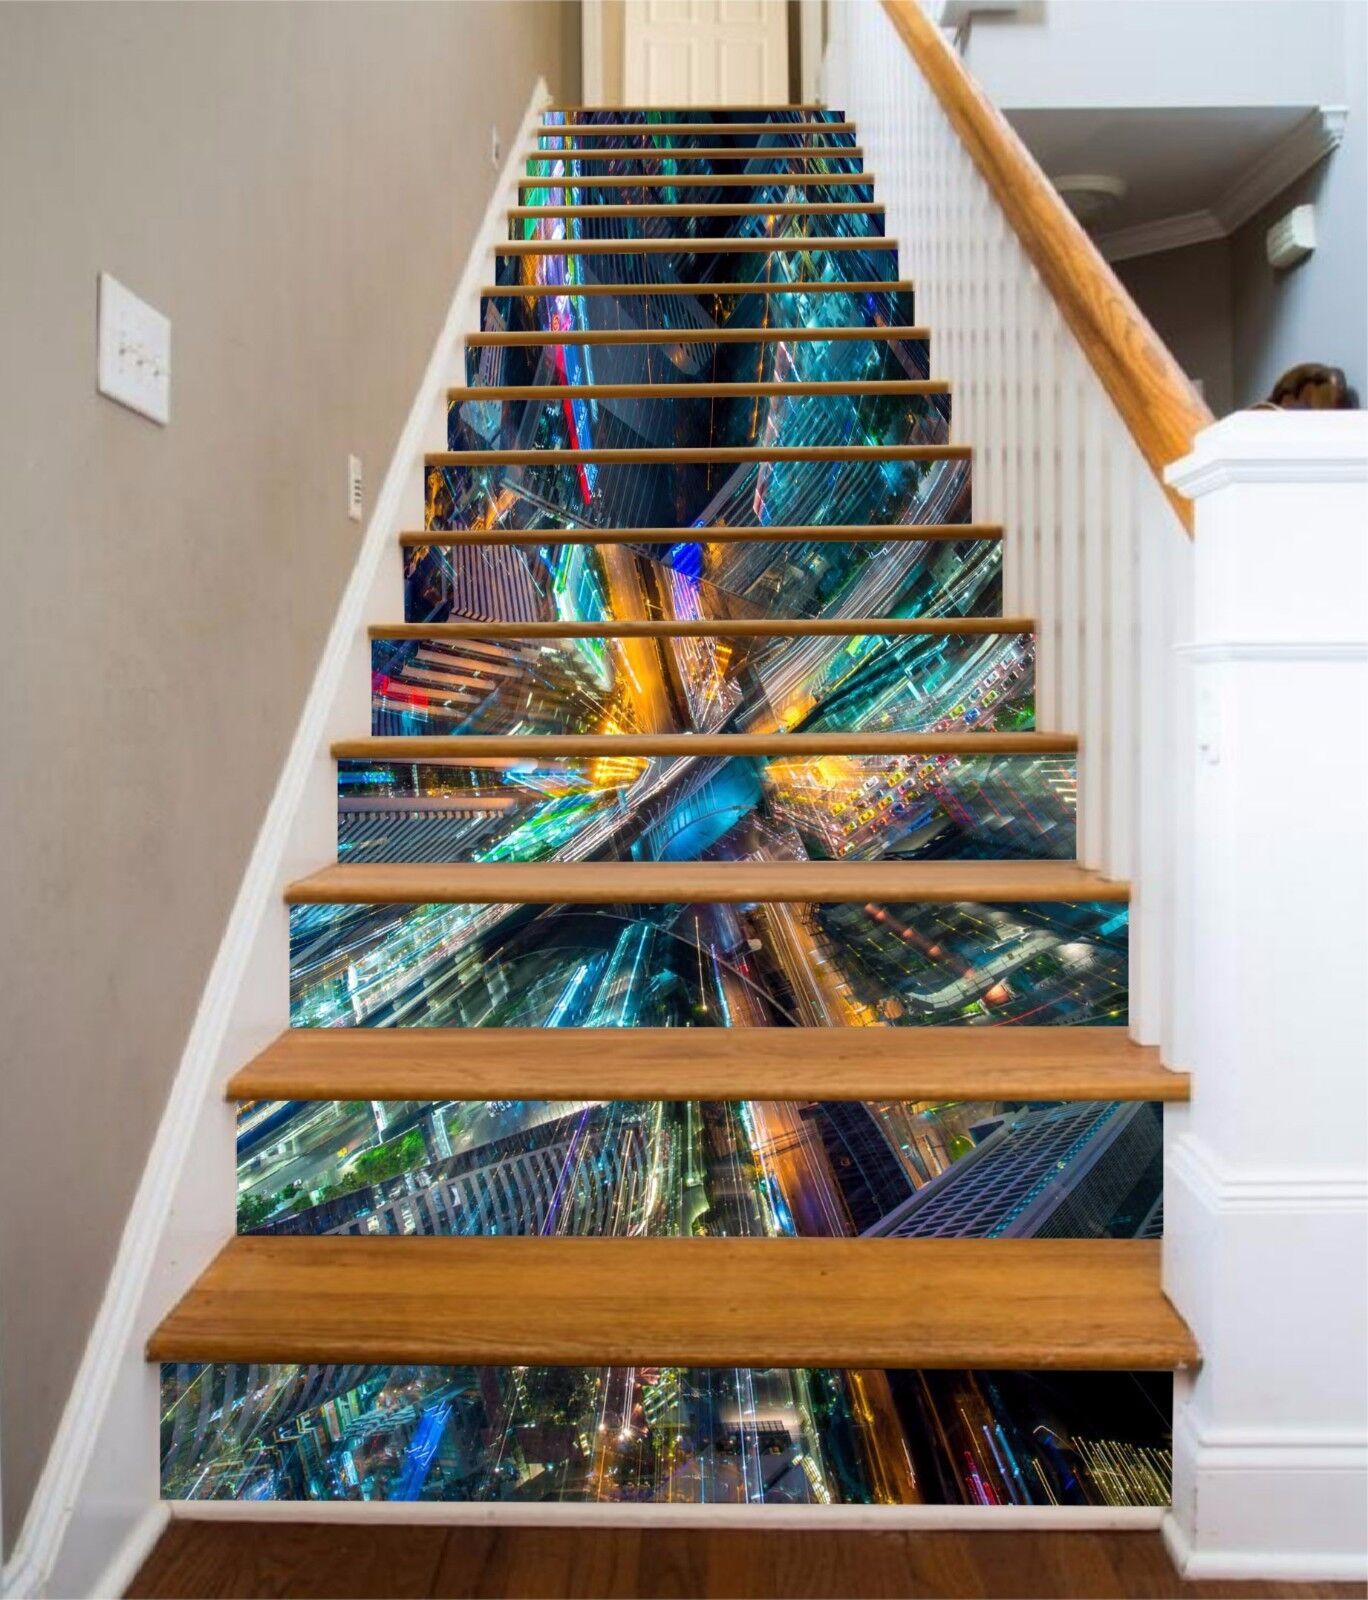 3D Couleur Buildings Stair Risers Decoration Photo Mural Vinyl Decal Wallpaper AU